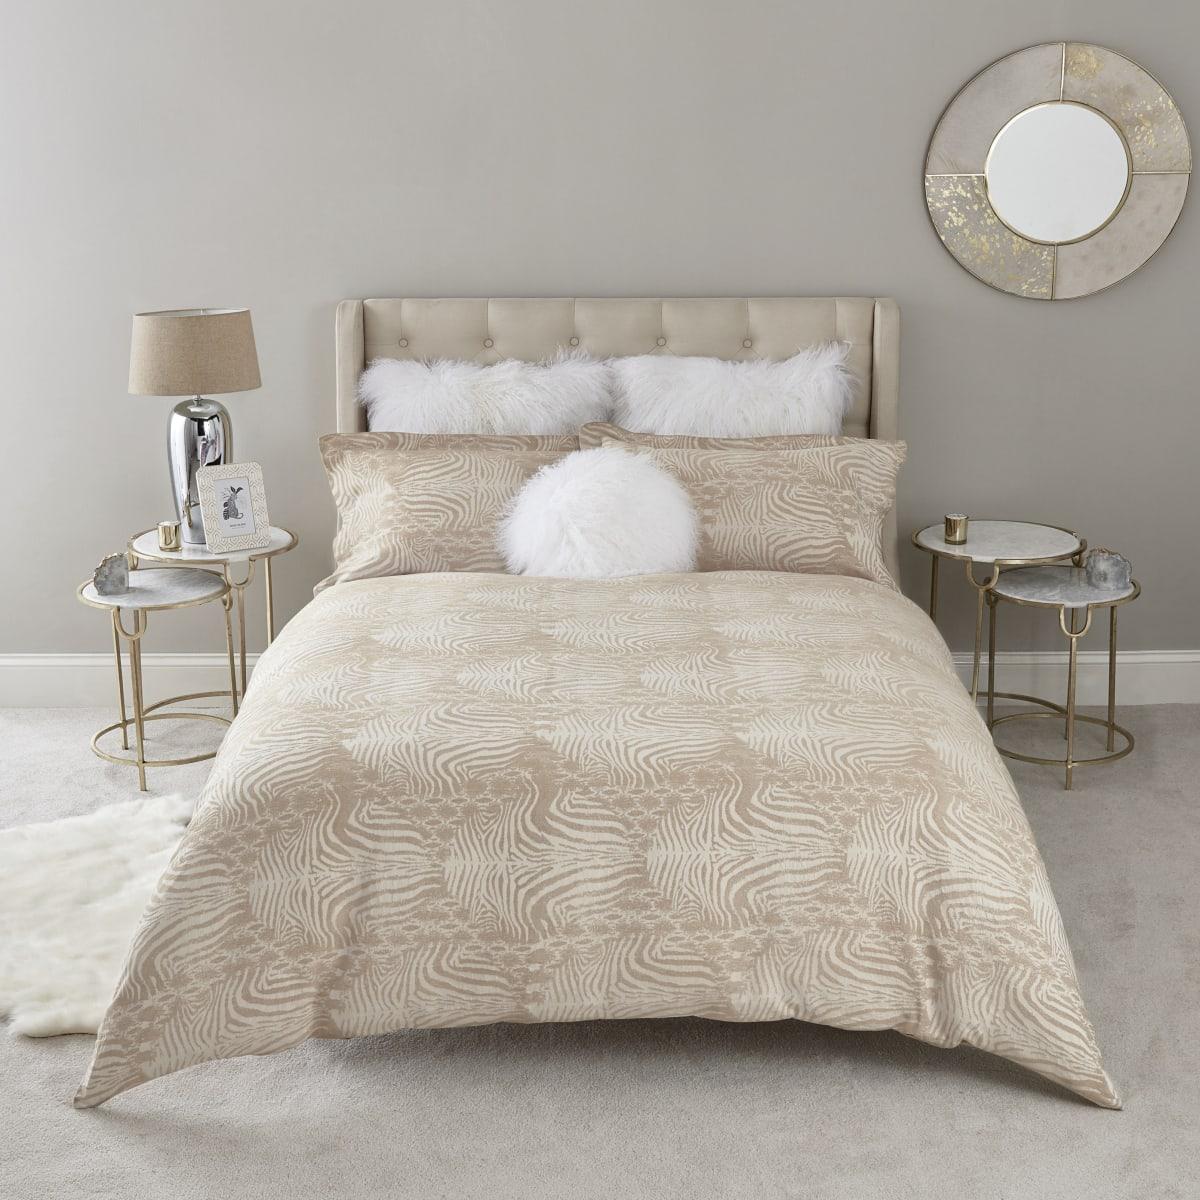 Parure de lit en jacquard à imprimé zèbre grège pour lit king size